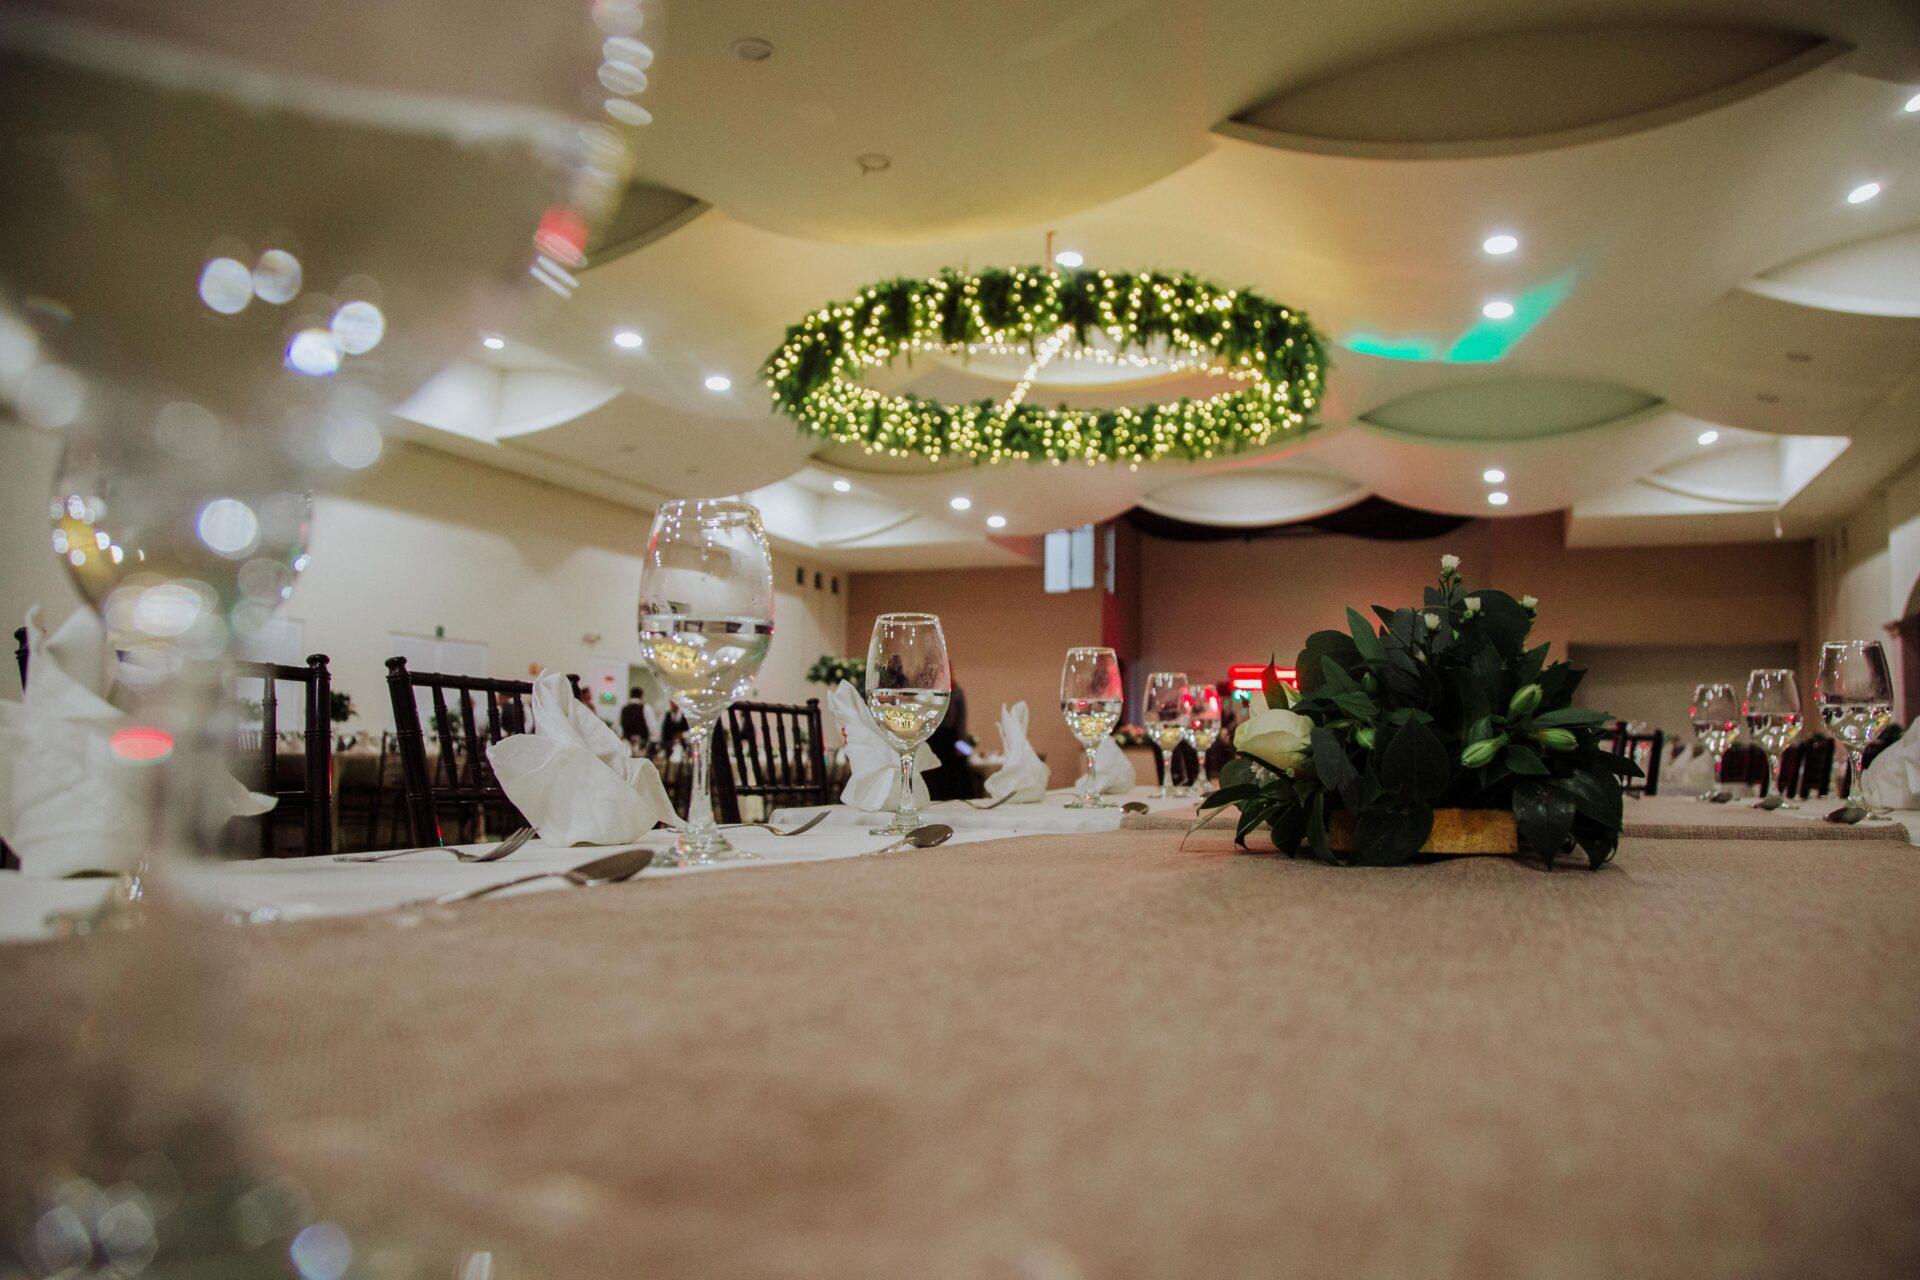 javier_noriega_fotografo_Boda_san_ramon_zacatecas_wedding_photographer21